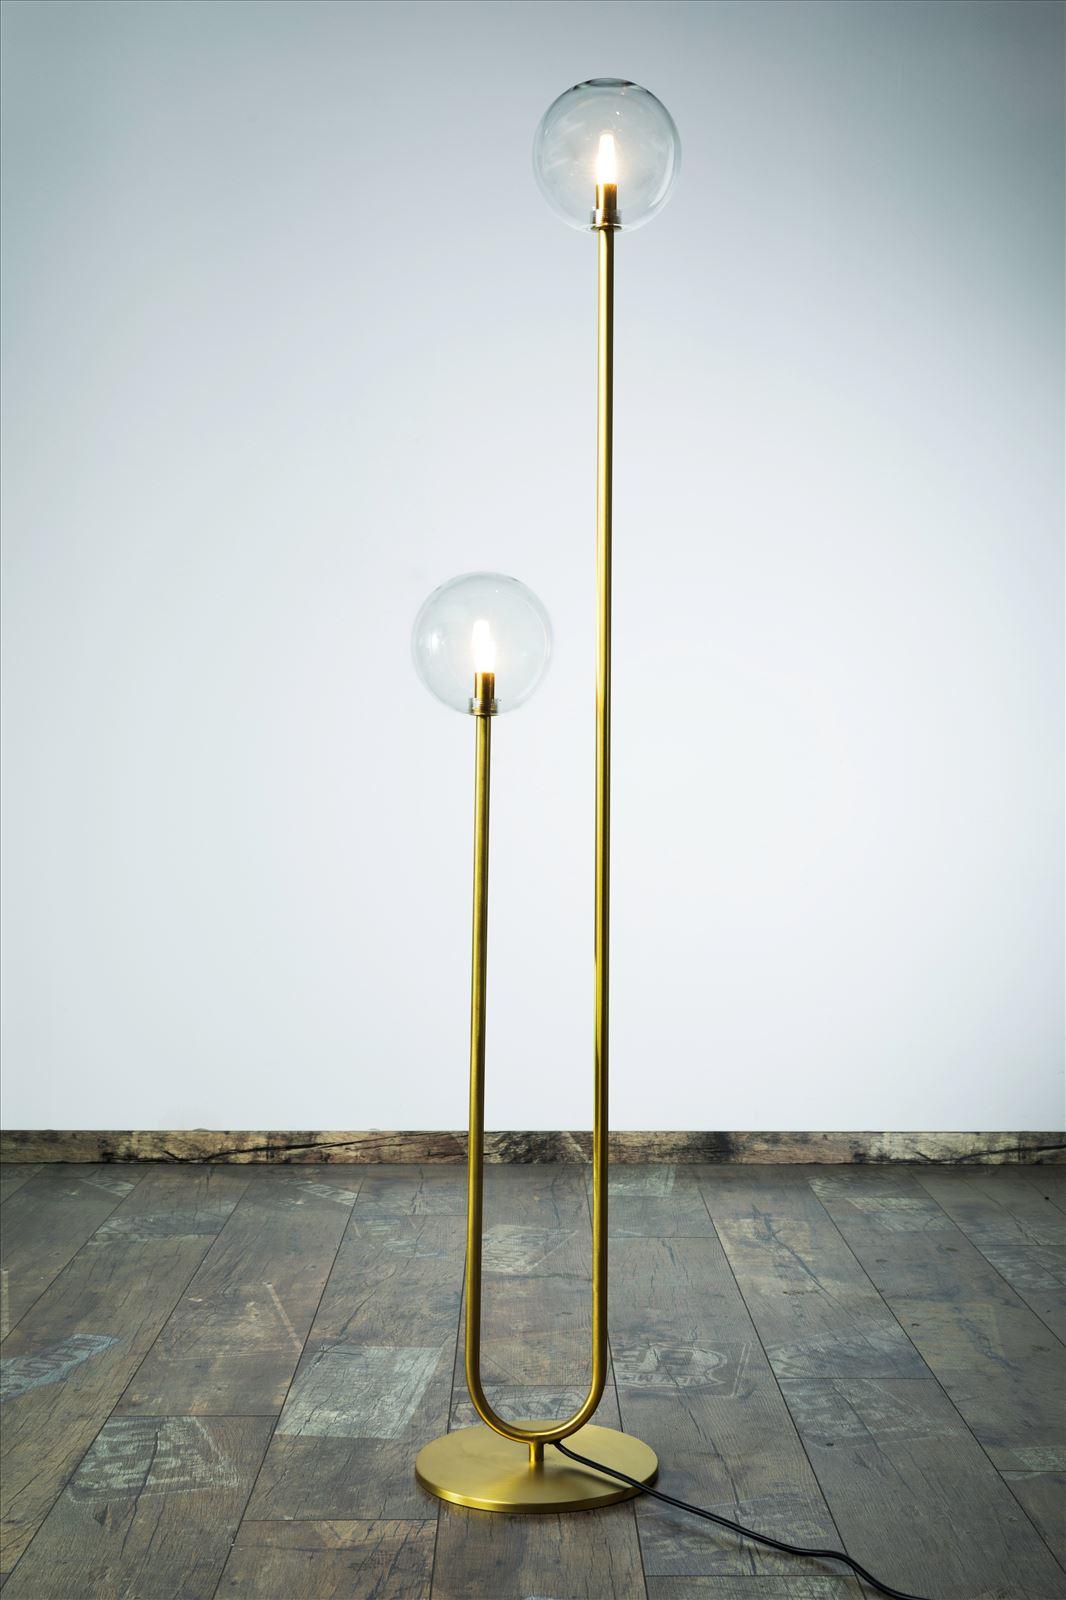 גופי תאורה בקטגוריית: מנורות עמידה  ,שם המוצר: מ.עמידה פריז S פליז